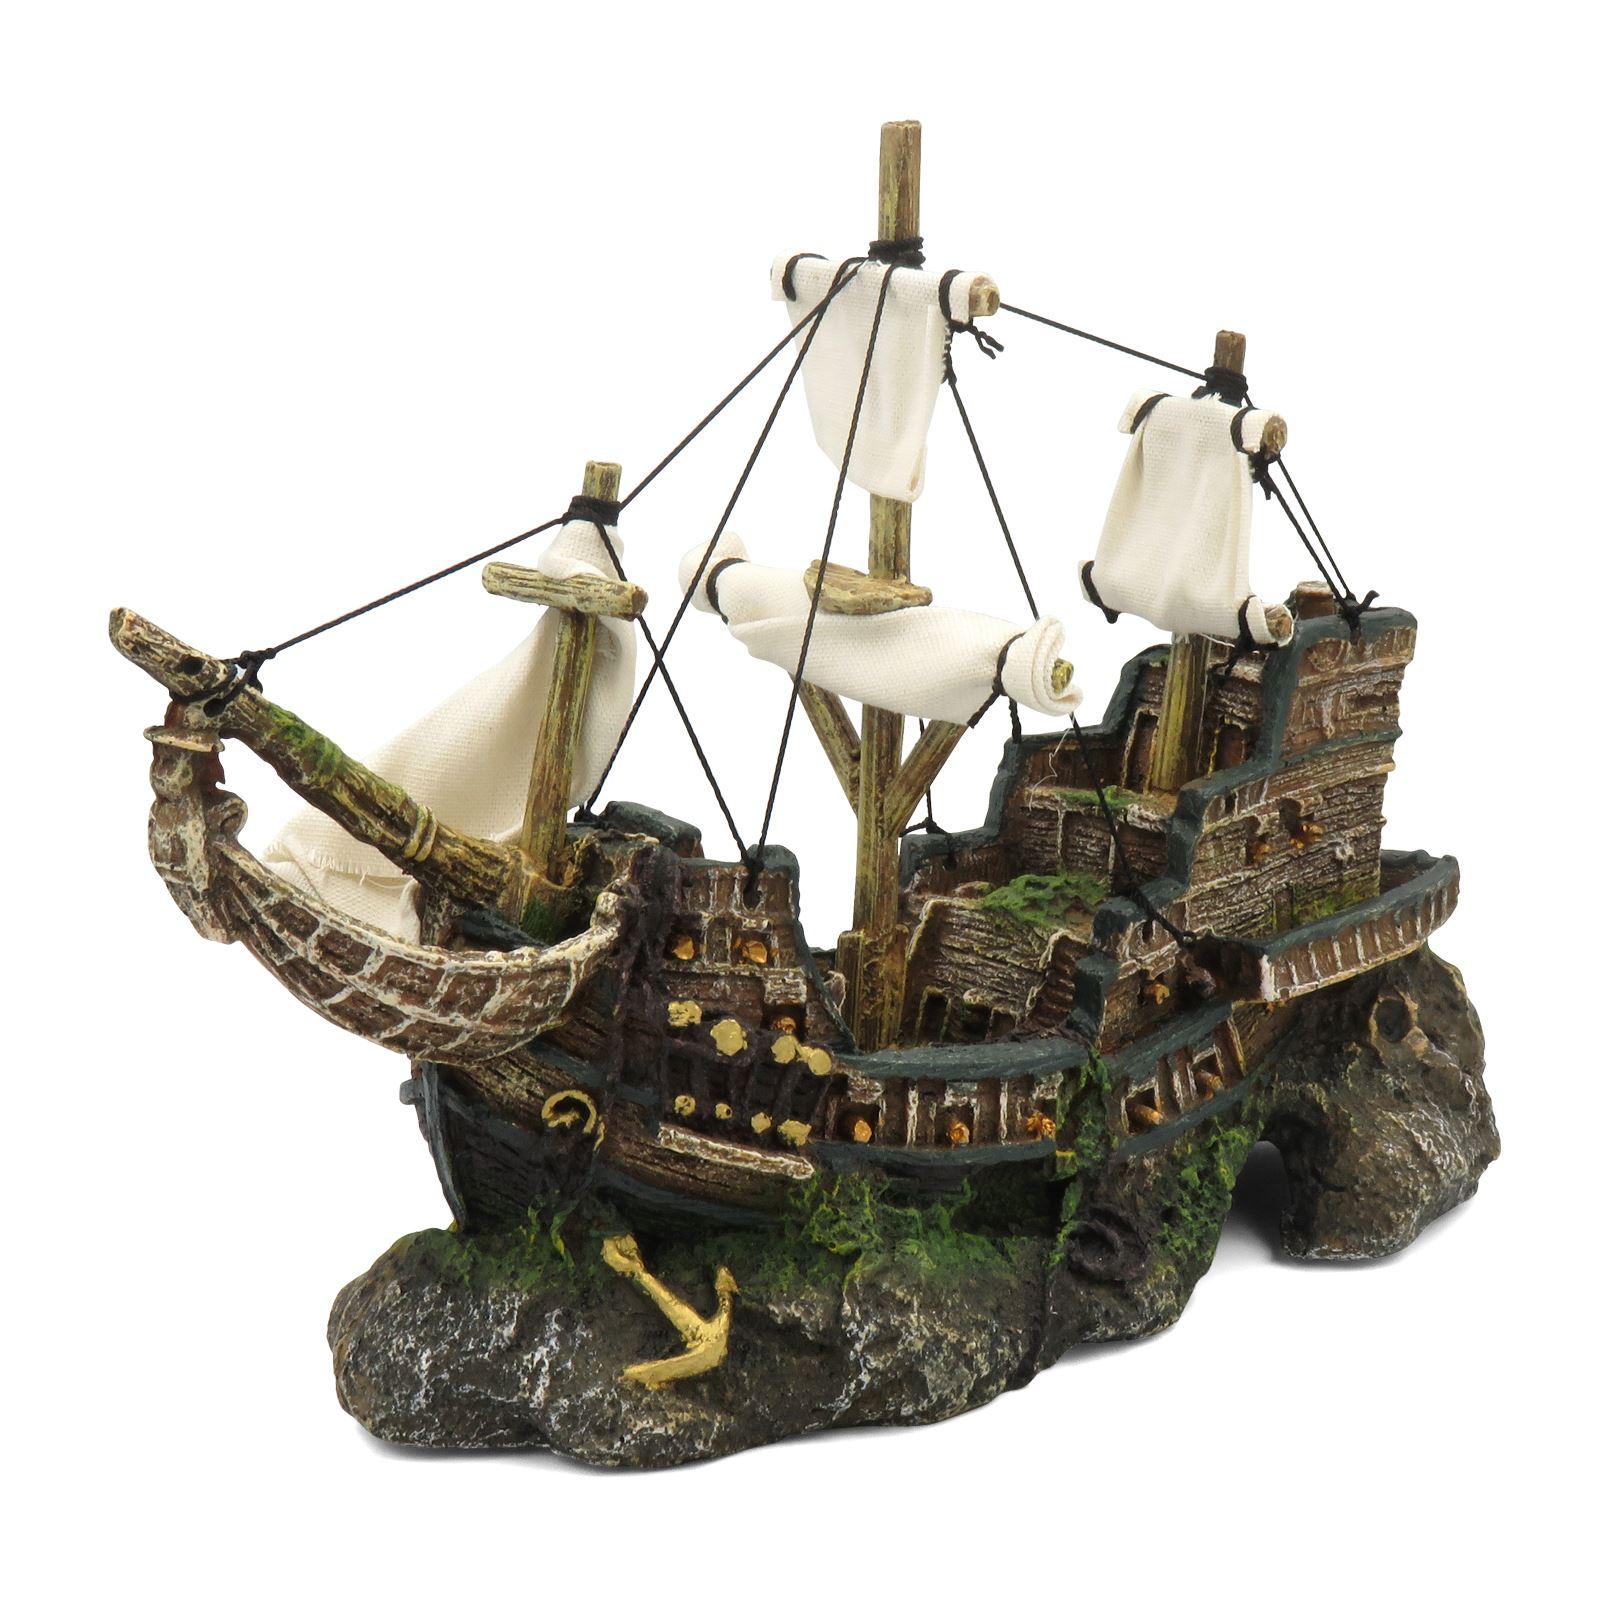 Moss Covered Small Boat Ship Wreck Aquarium Ornament Fish